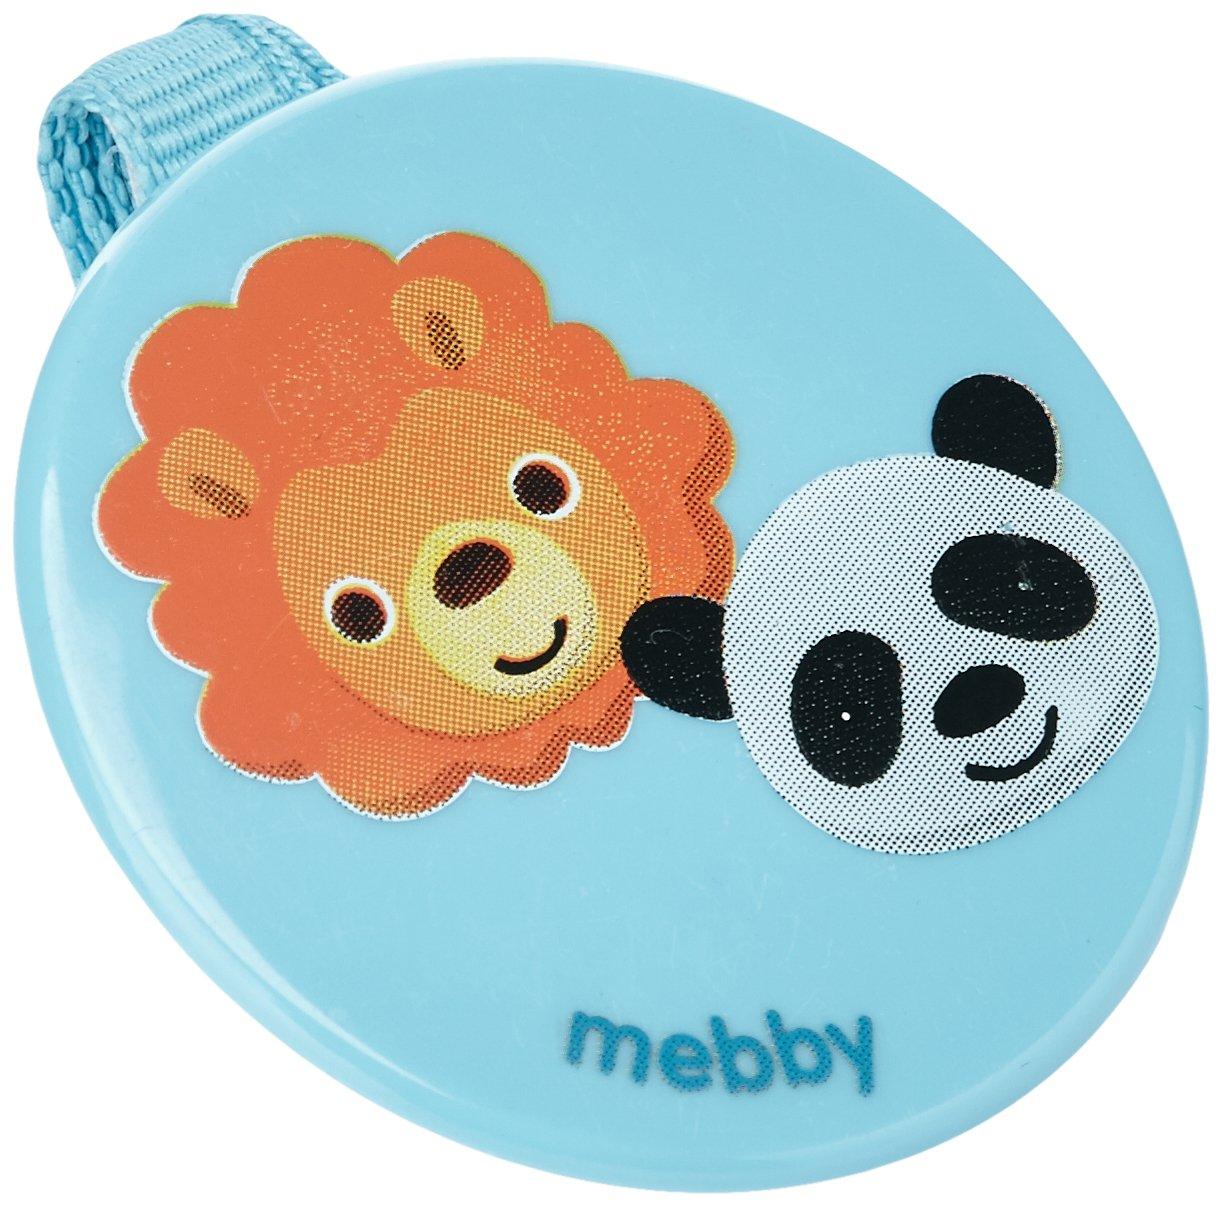 Mebby 92561 Clip Portasucchietto, Disegno Animali, Blu Medel